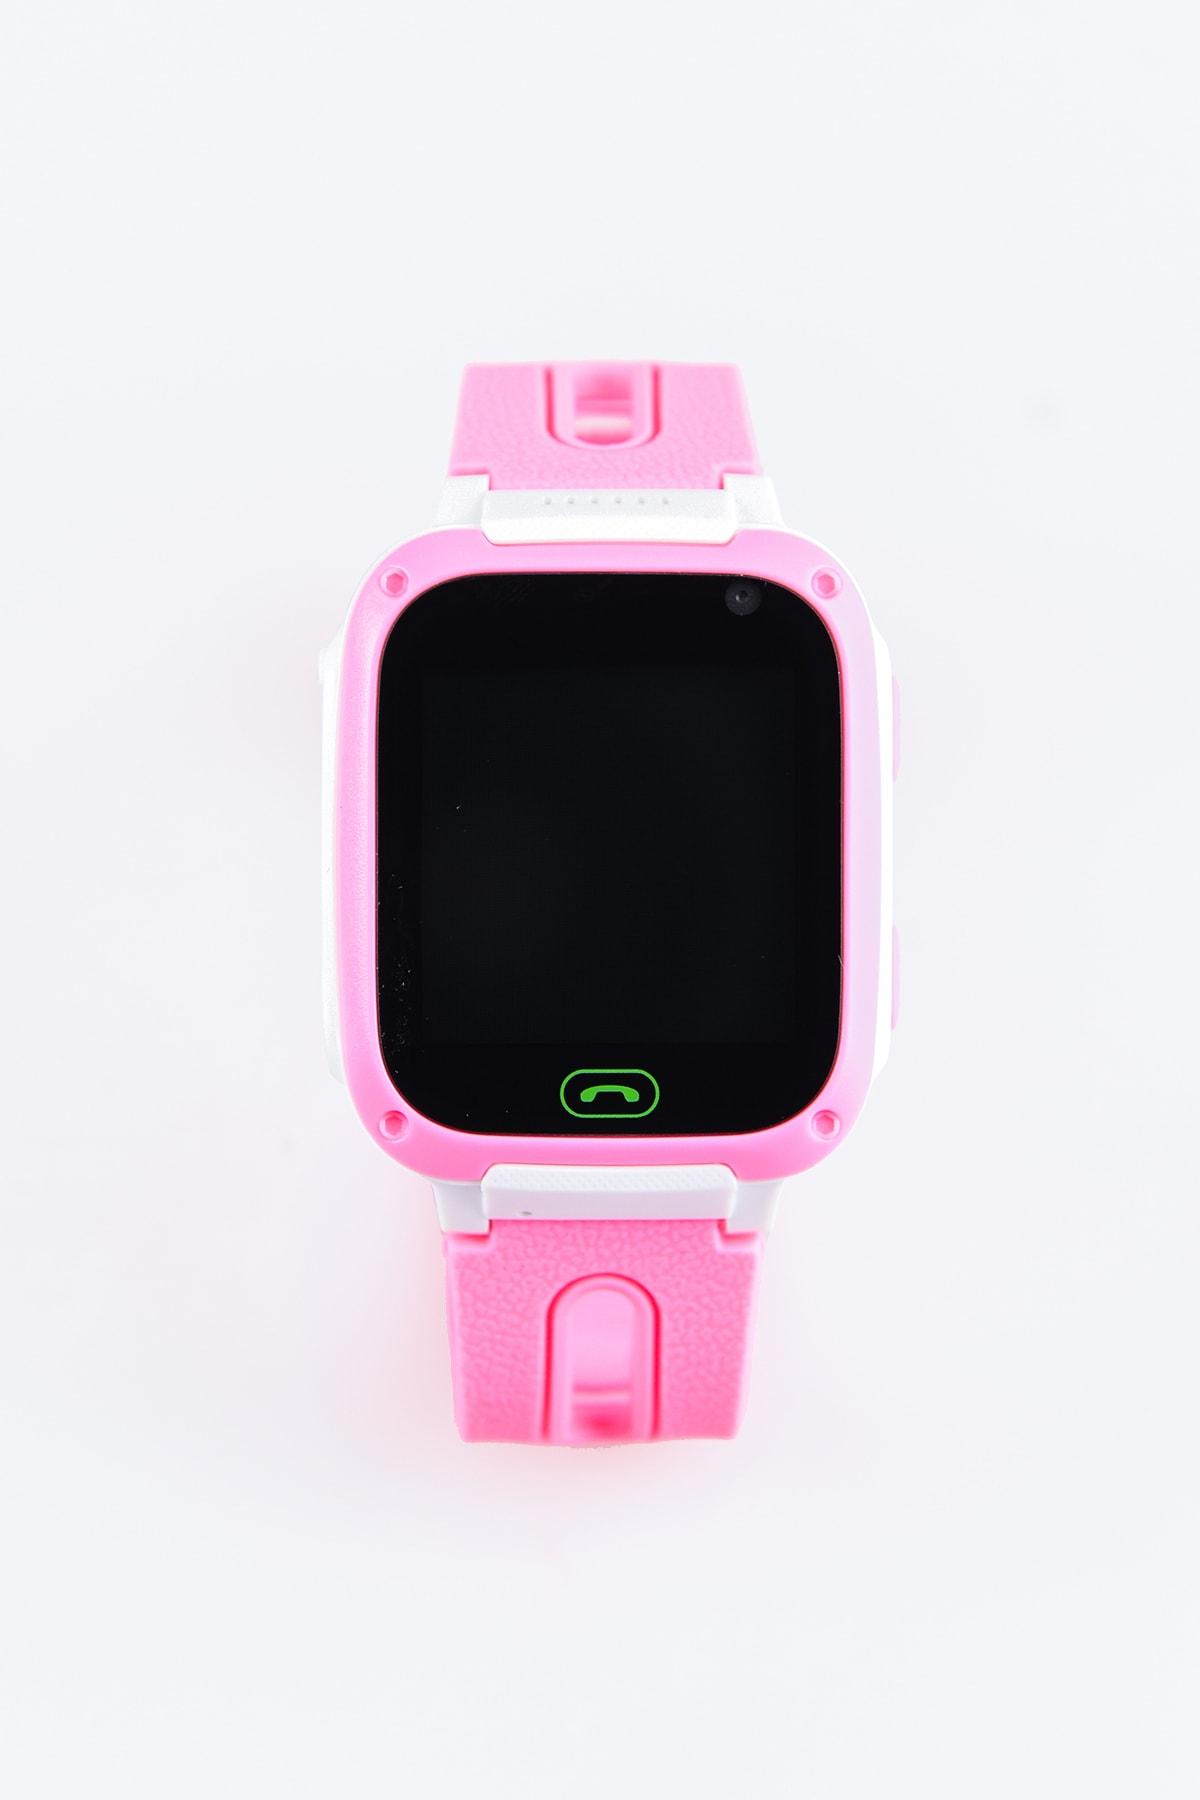 SmartWatch Akıllı Fabby Saat Çocuk Takip Saati Gps Sim Kartlı Btk Kayıtlı Kameralı 1